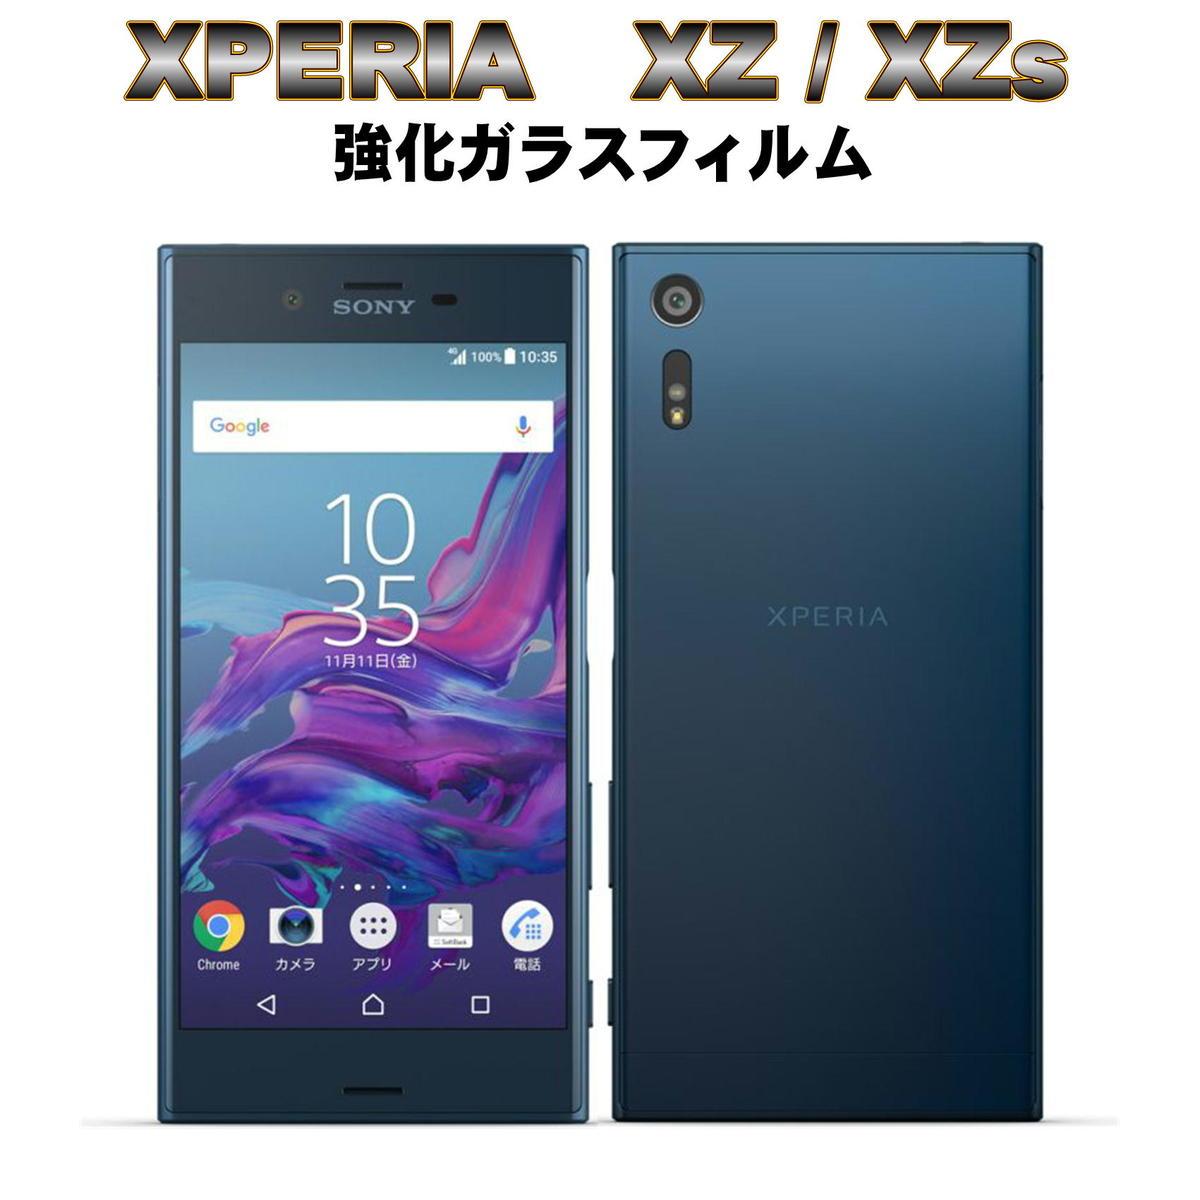 舗 液晶画面を徹底防御 保護フィルム Android アンドロイド フィルム Xperia XZ SO-01J 強化ガラスフィルム XZs SO-03J 601SO SOV34 セール 特集 SOV35 602SO